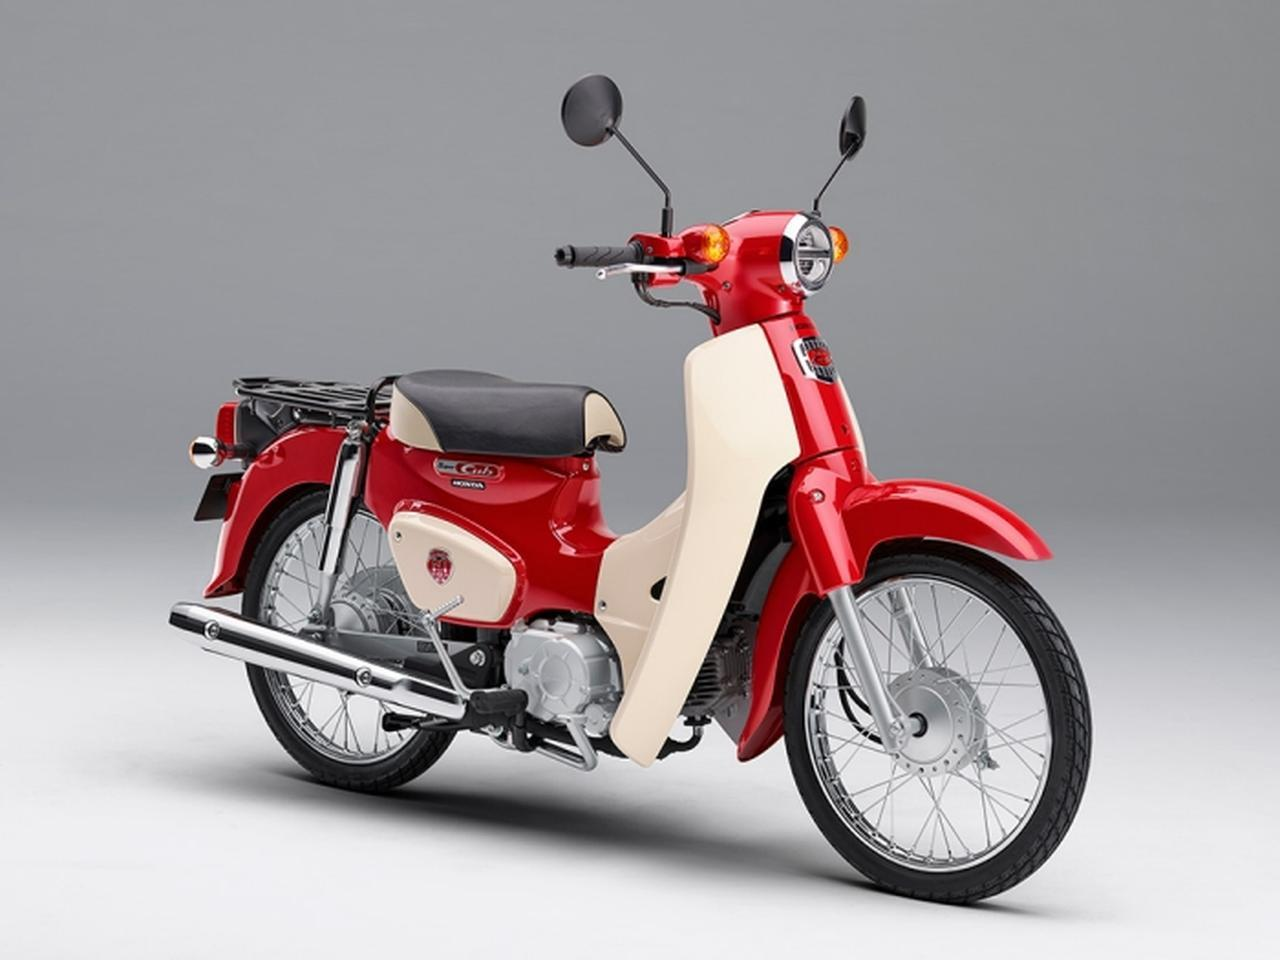 画像: 真っ赤なスーパーカブ、60周年アニバーサリーモデルとして限定発売! - A Little Honda